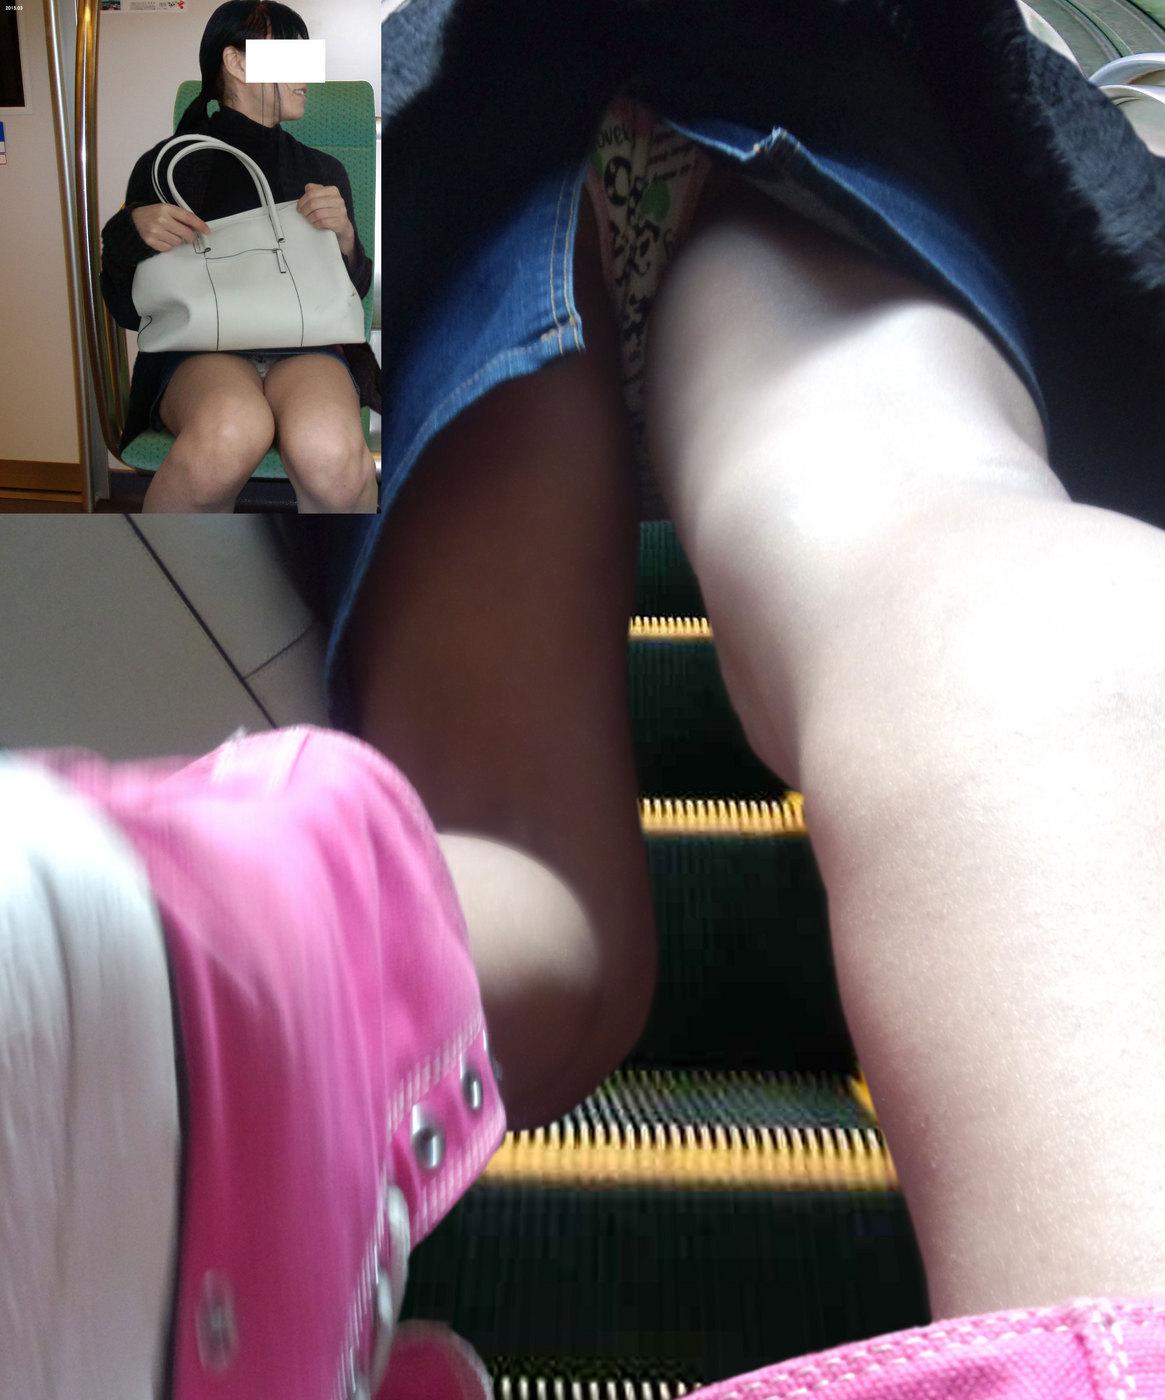 【パンチラエロ画像】ボケッと歩くミニスカ女子に対して撮る方は執念全開でパンチラ隠撮www 04